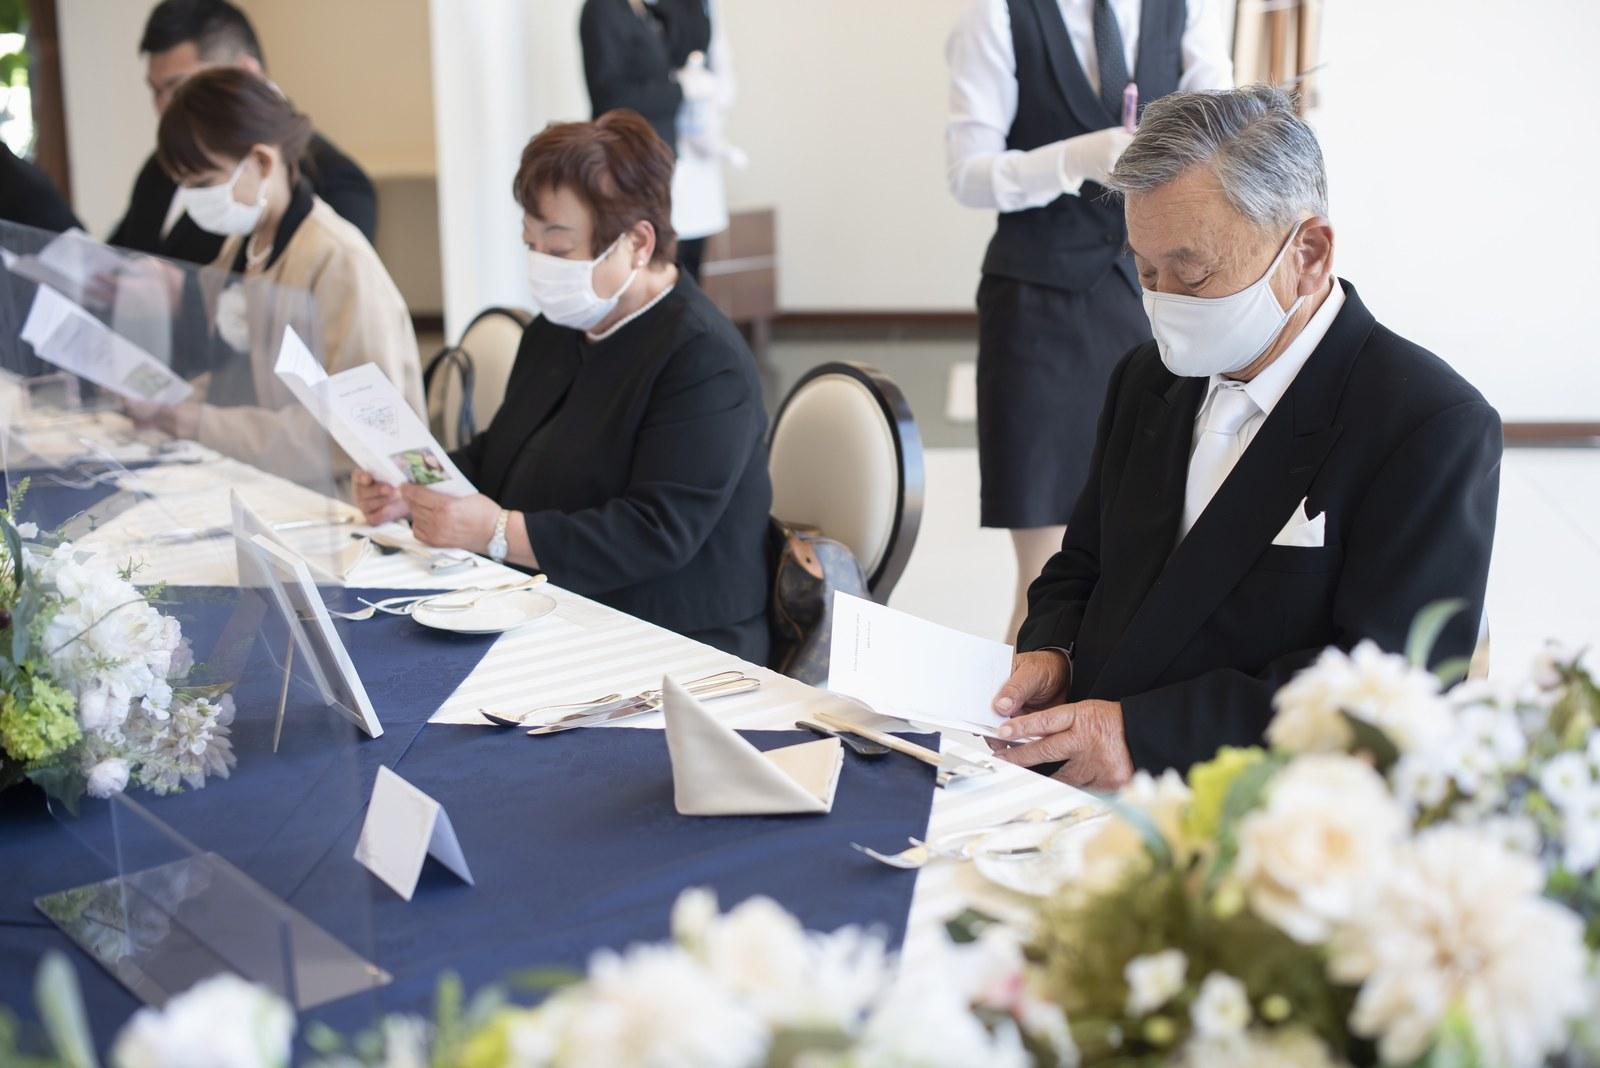 徳島市の結婚式場ブランアンジュの披露宴会場で新郎新婦からのメッセージを読むゲスト